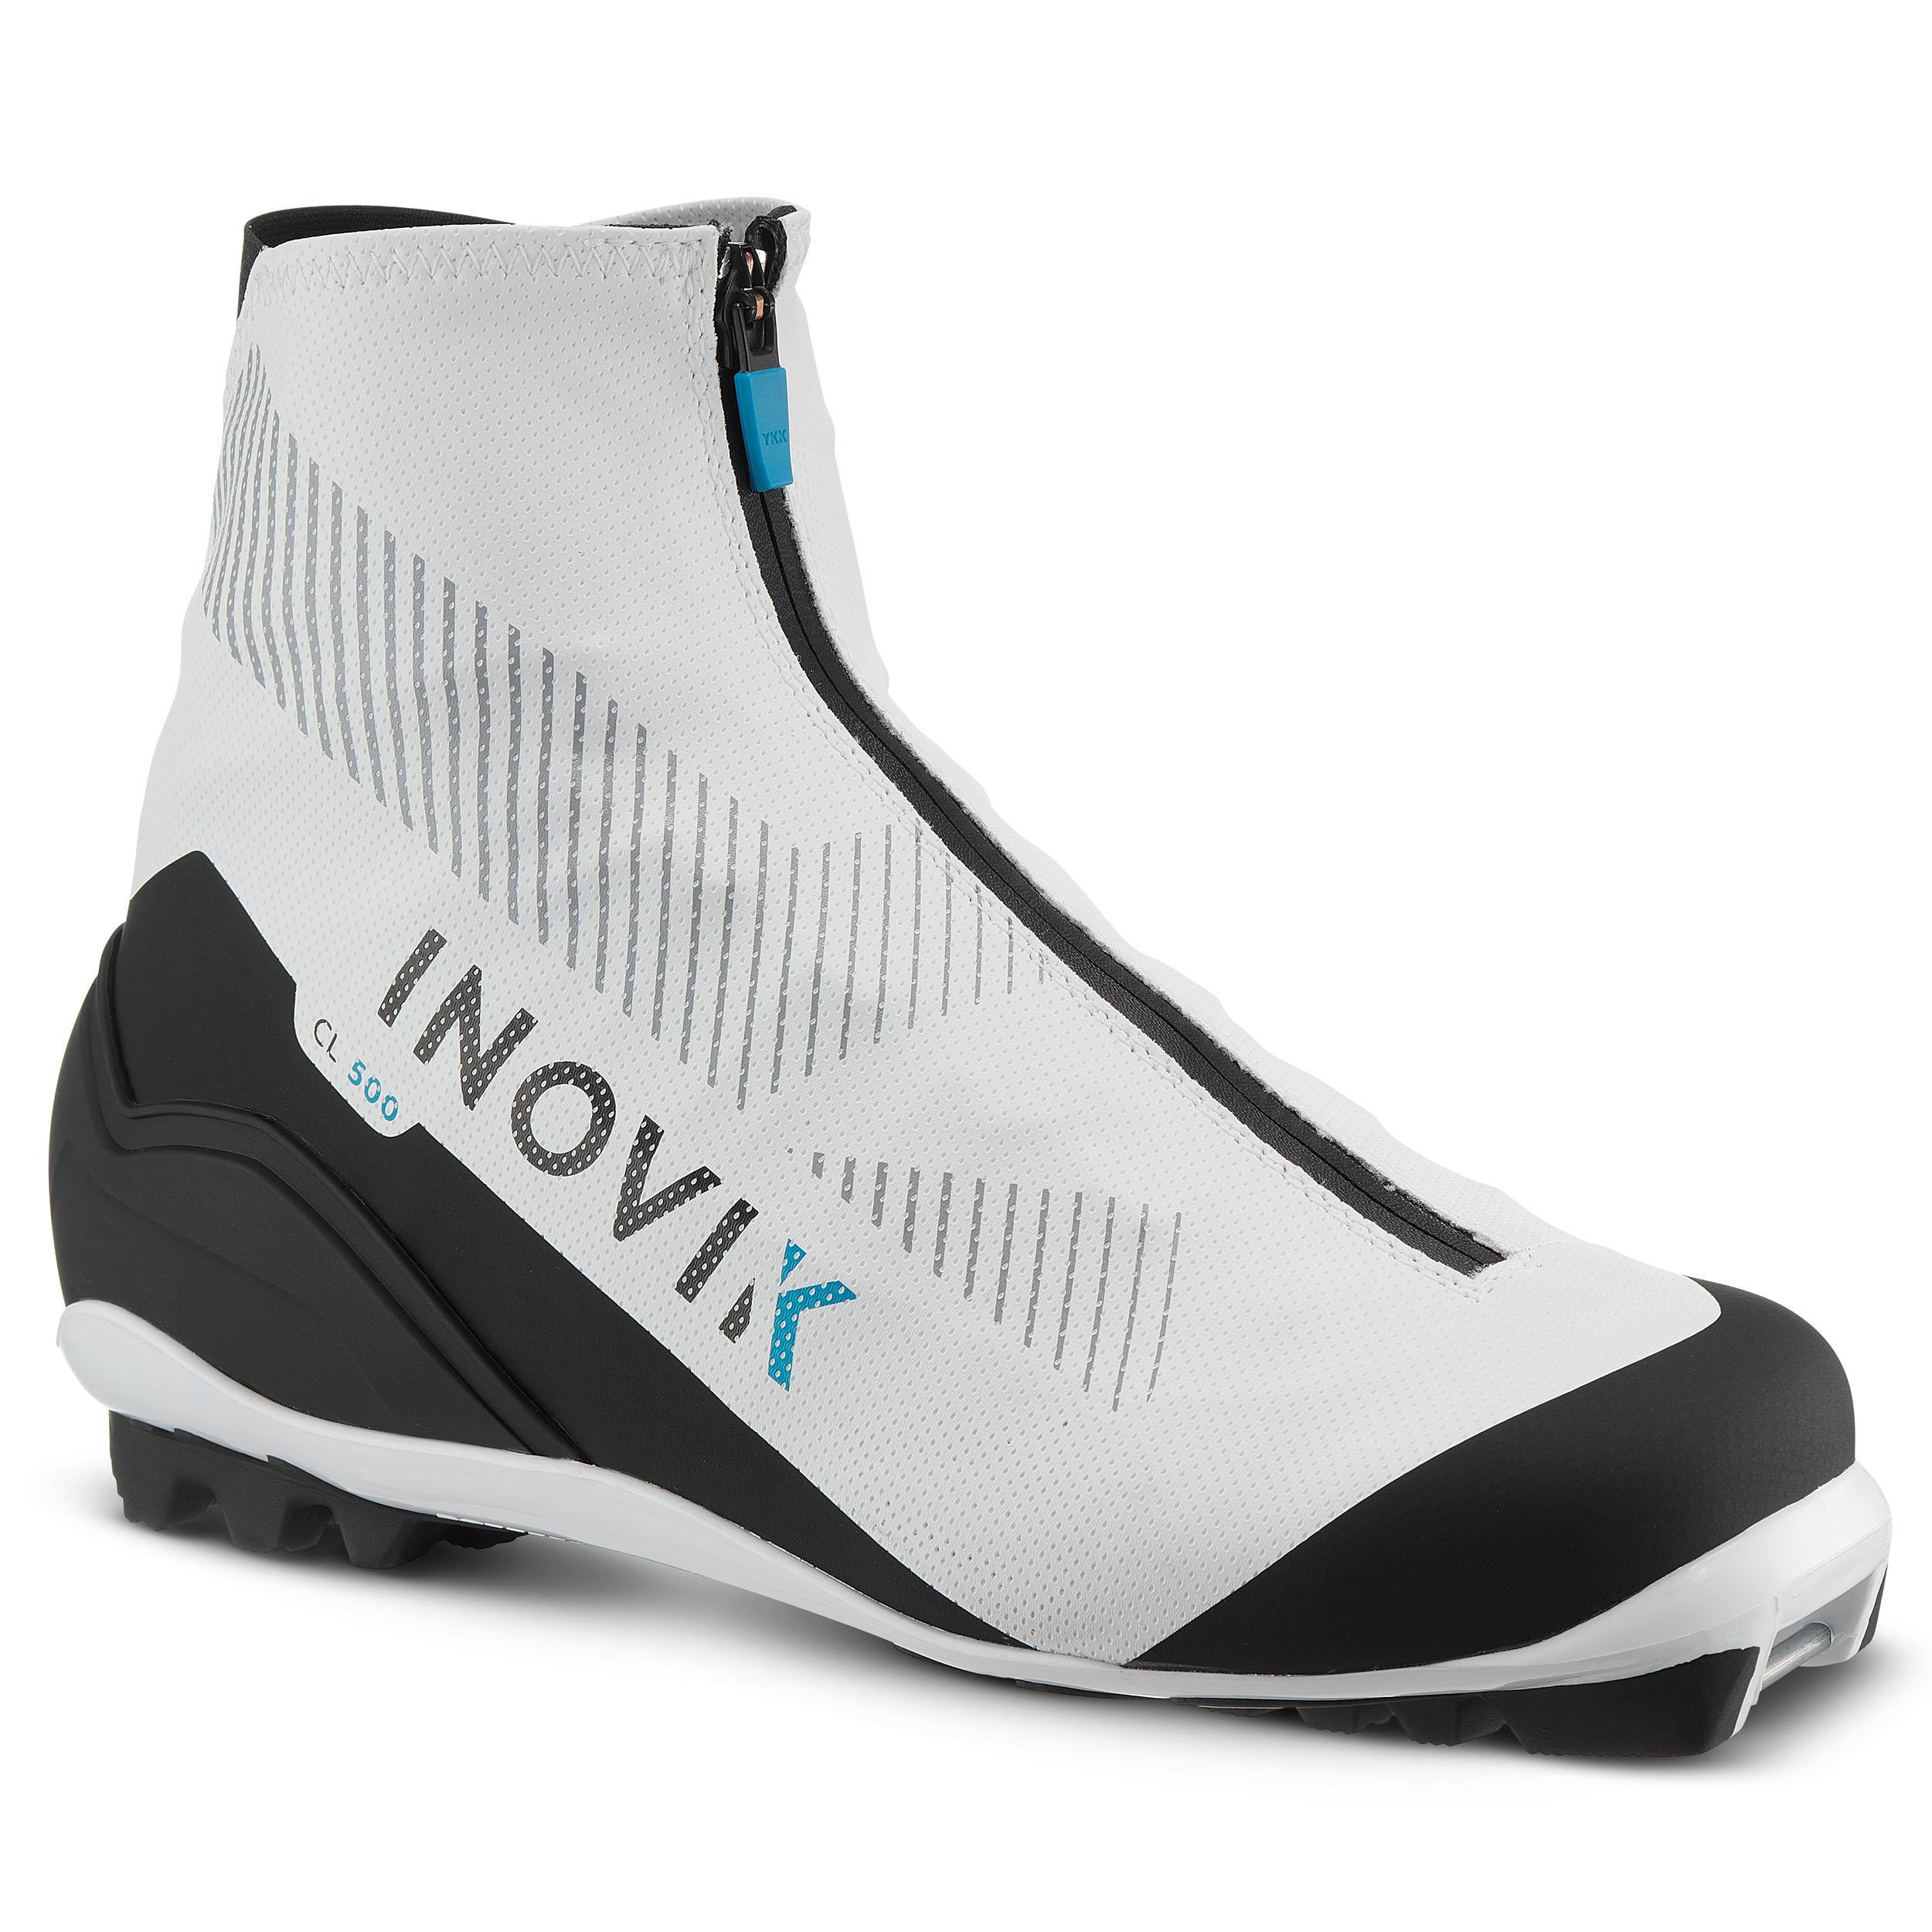 Buty Do Narciarstwa Biegowego Skate Xc S Boot 500 Damskie Inovik Decathlon